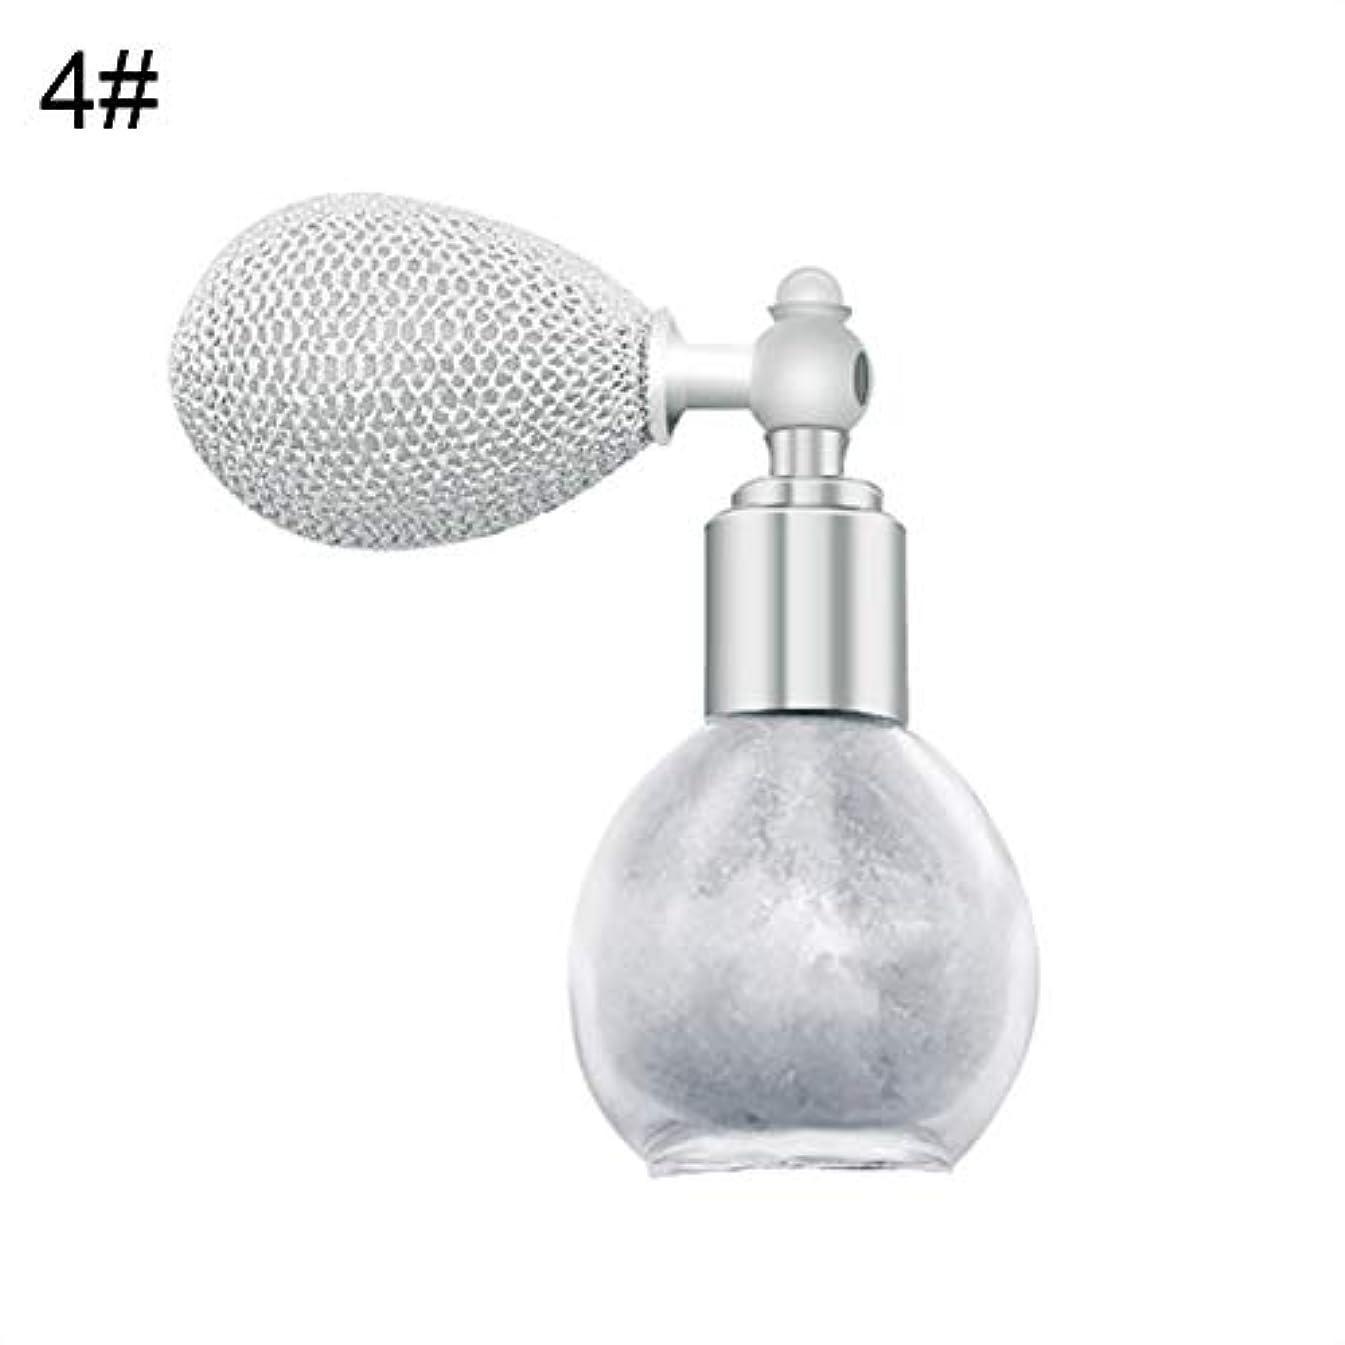 兄弟愛ラインナップ彼らはFANA女性美容エアバッグスプレーフレグランスグリッターハイライトパウダー化粧品 - 4#